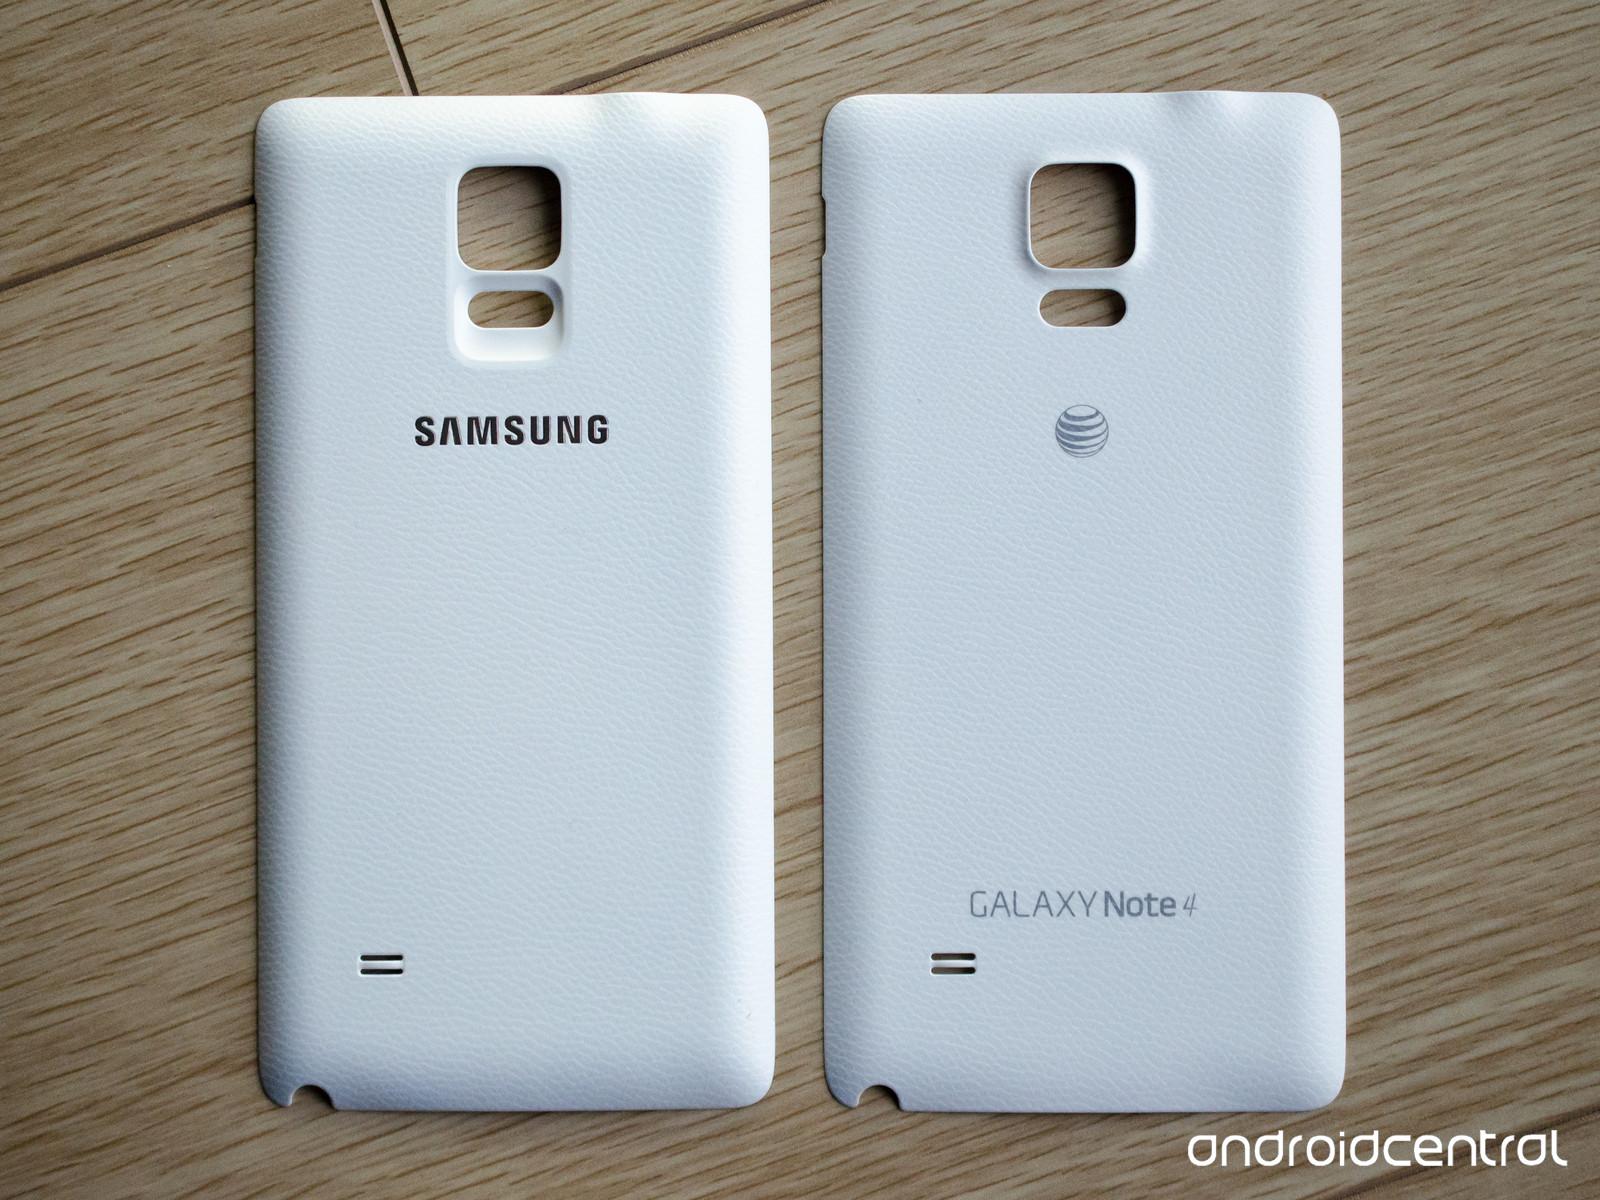 Le Galaxy Note 4 et le rechargement sans fil